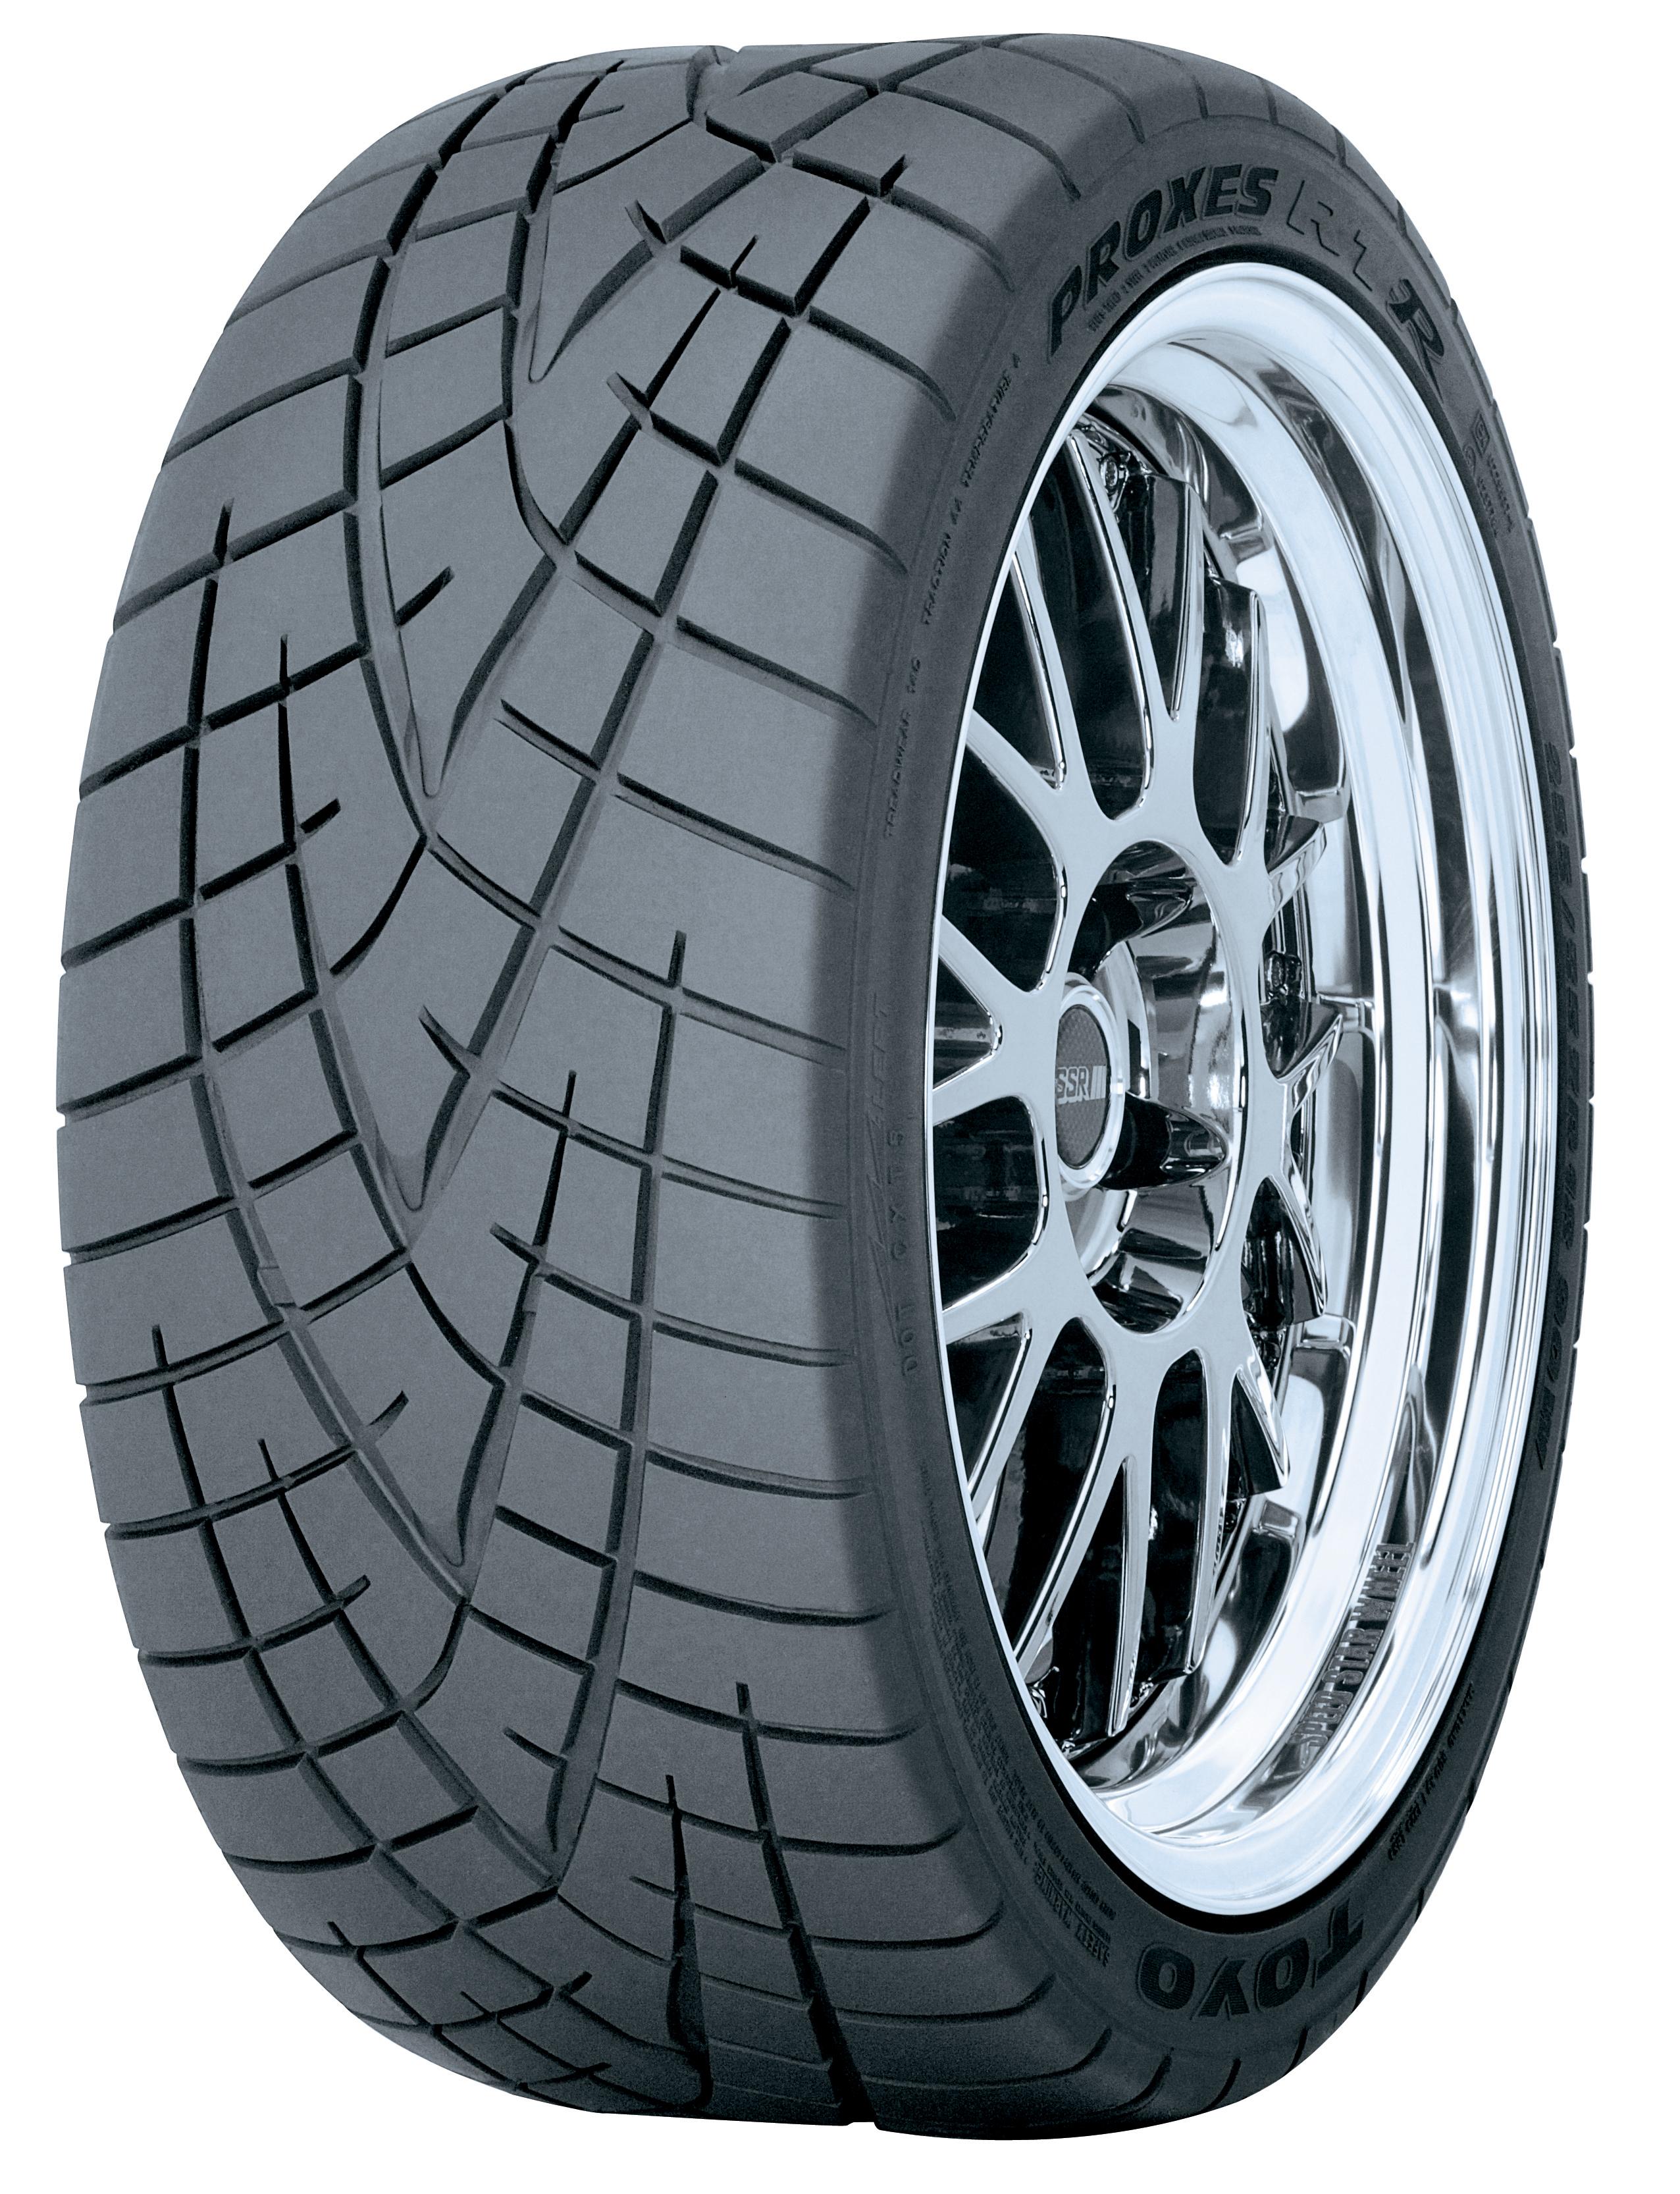 Toyo Proxes R888 >> Press   Toyo Tires   Press   Toyo Tires